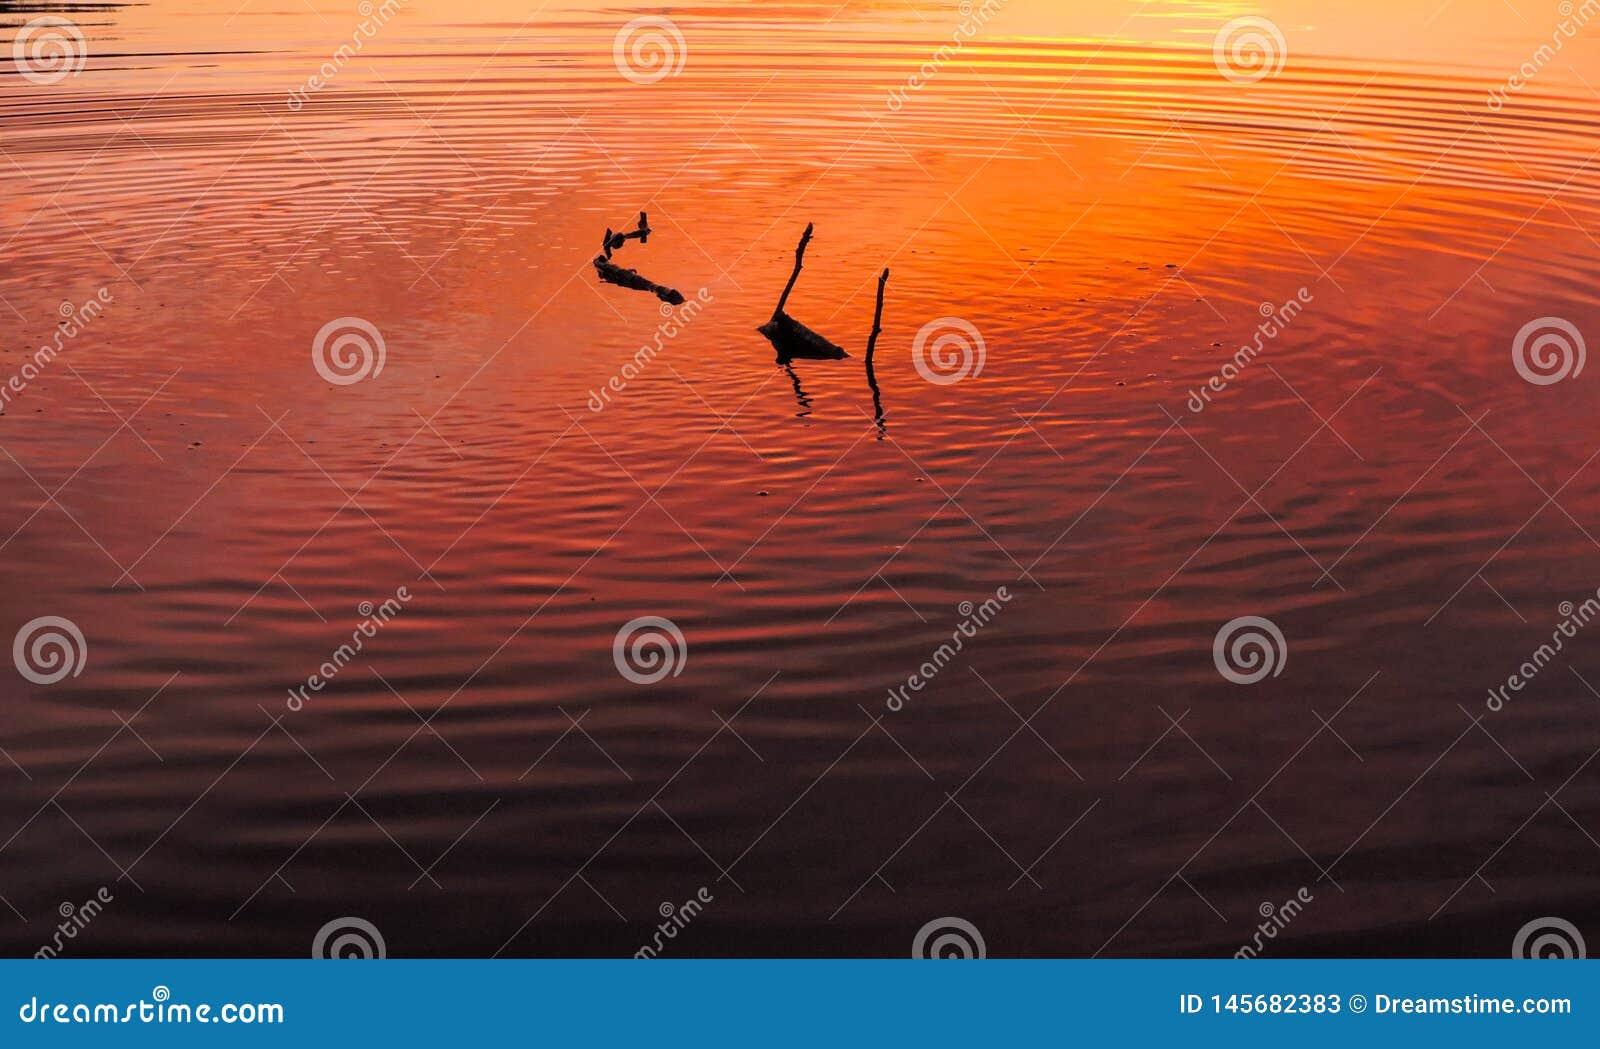 Ραβδί που επιπλέει κάτω από μια λίμνη στο ηλιοβασίλεμα